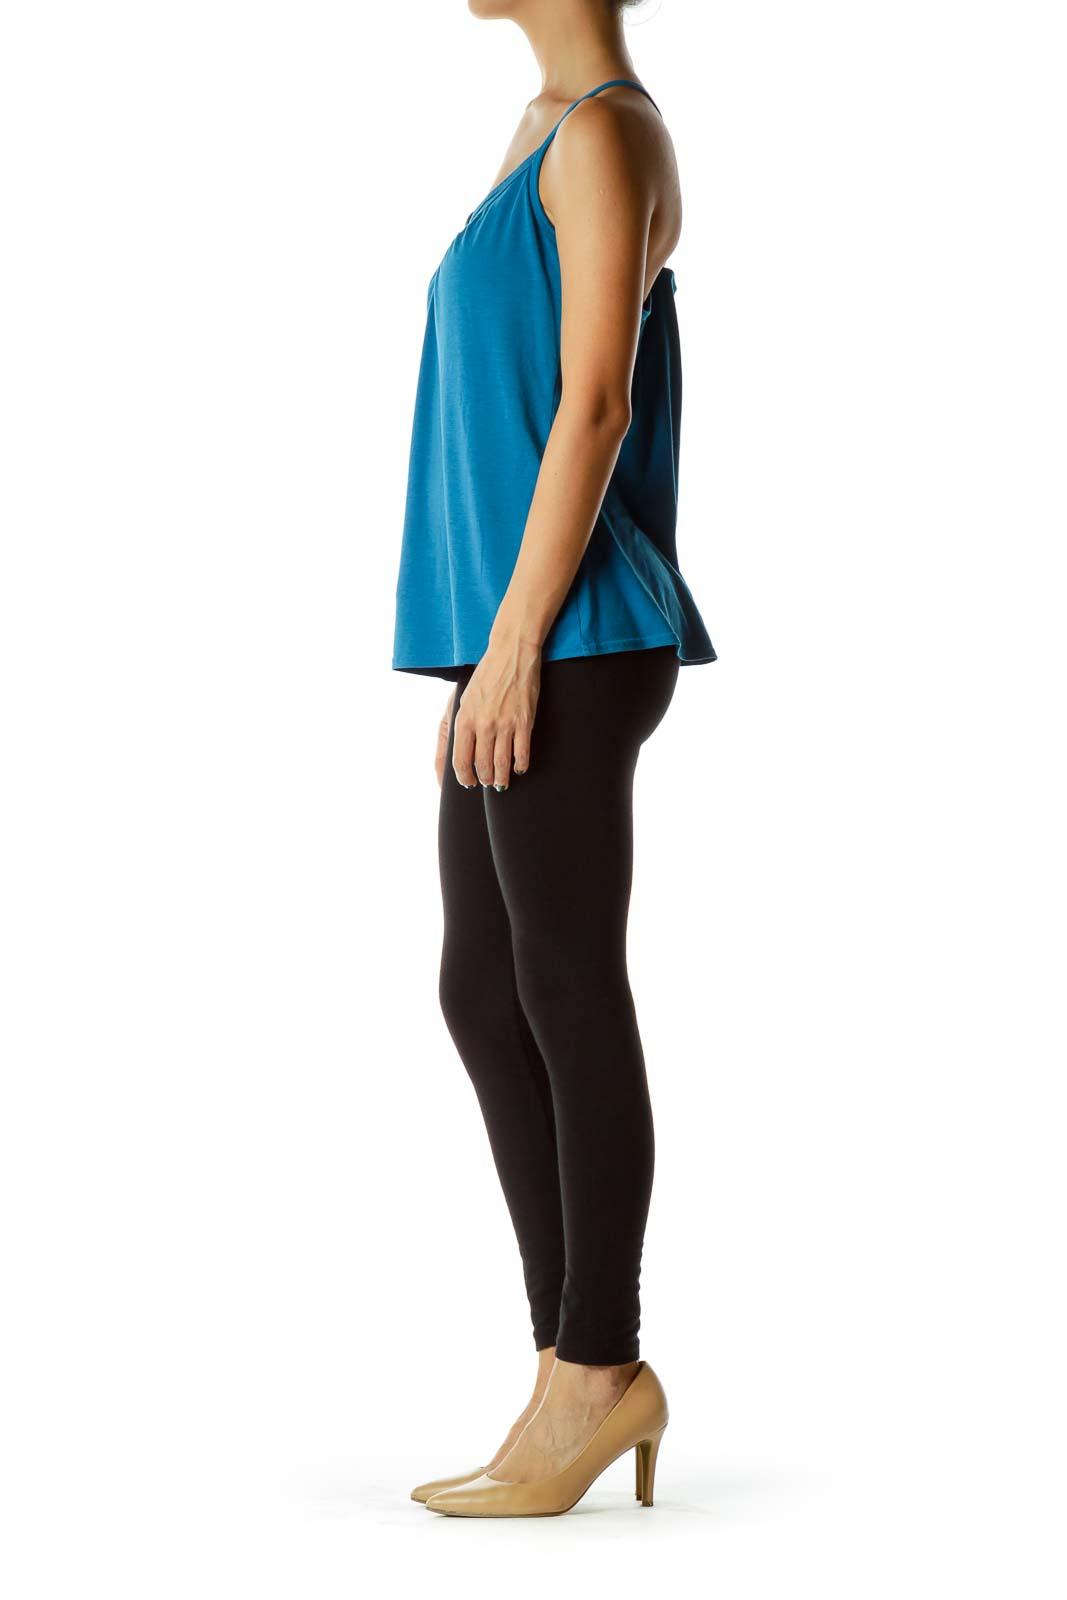 Blue Racerback V-Neck Yoga Top